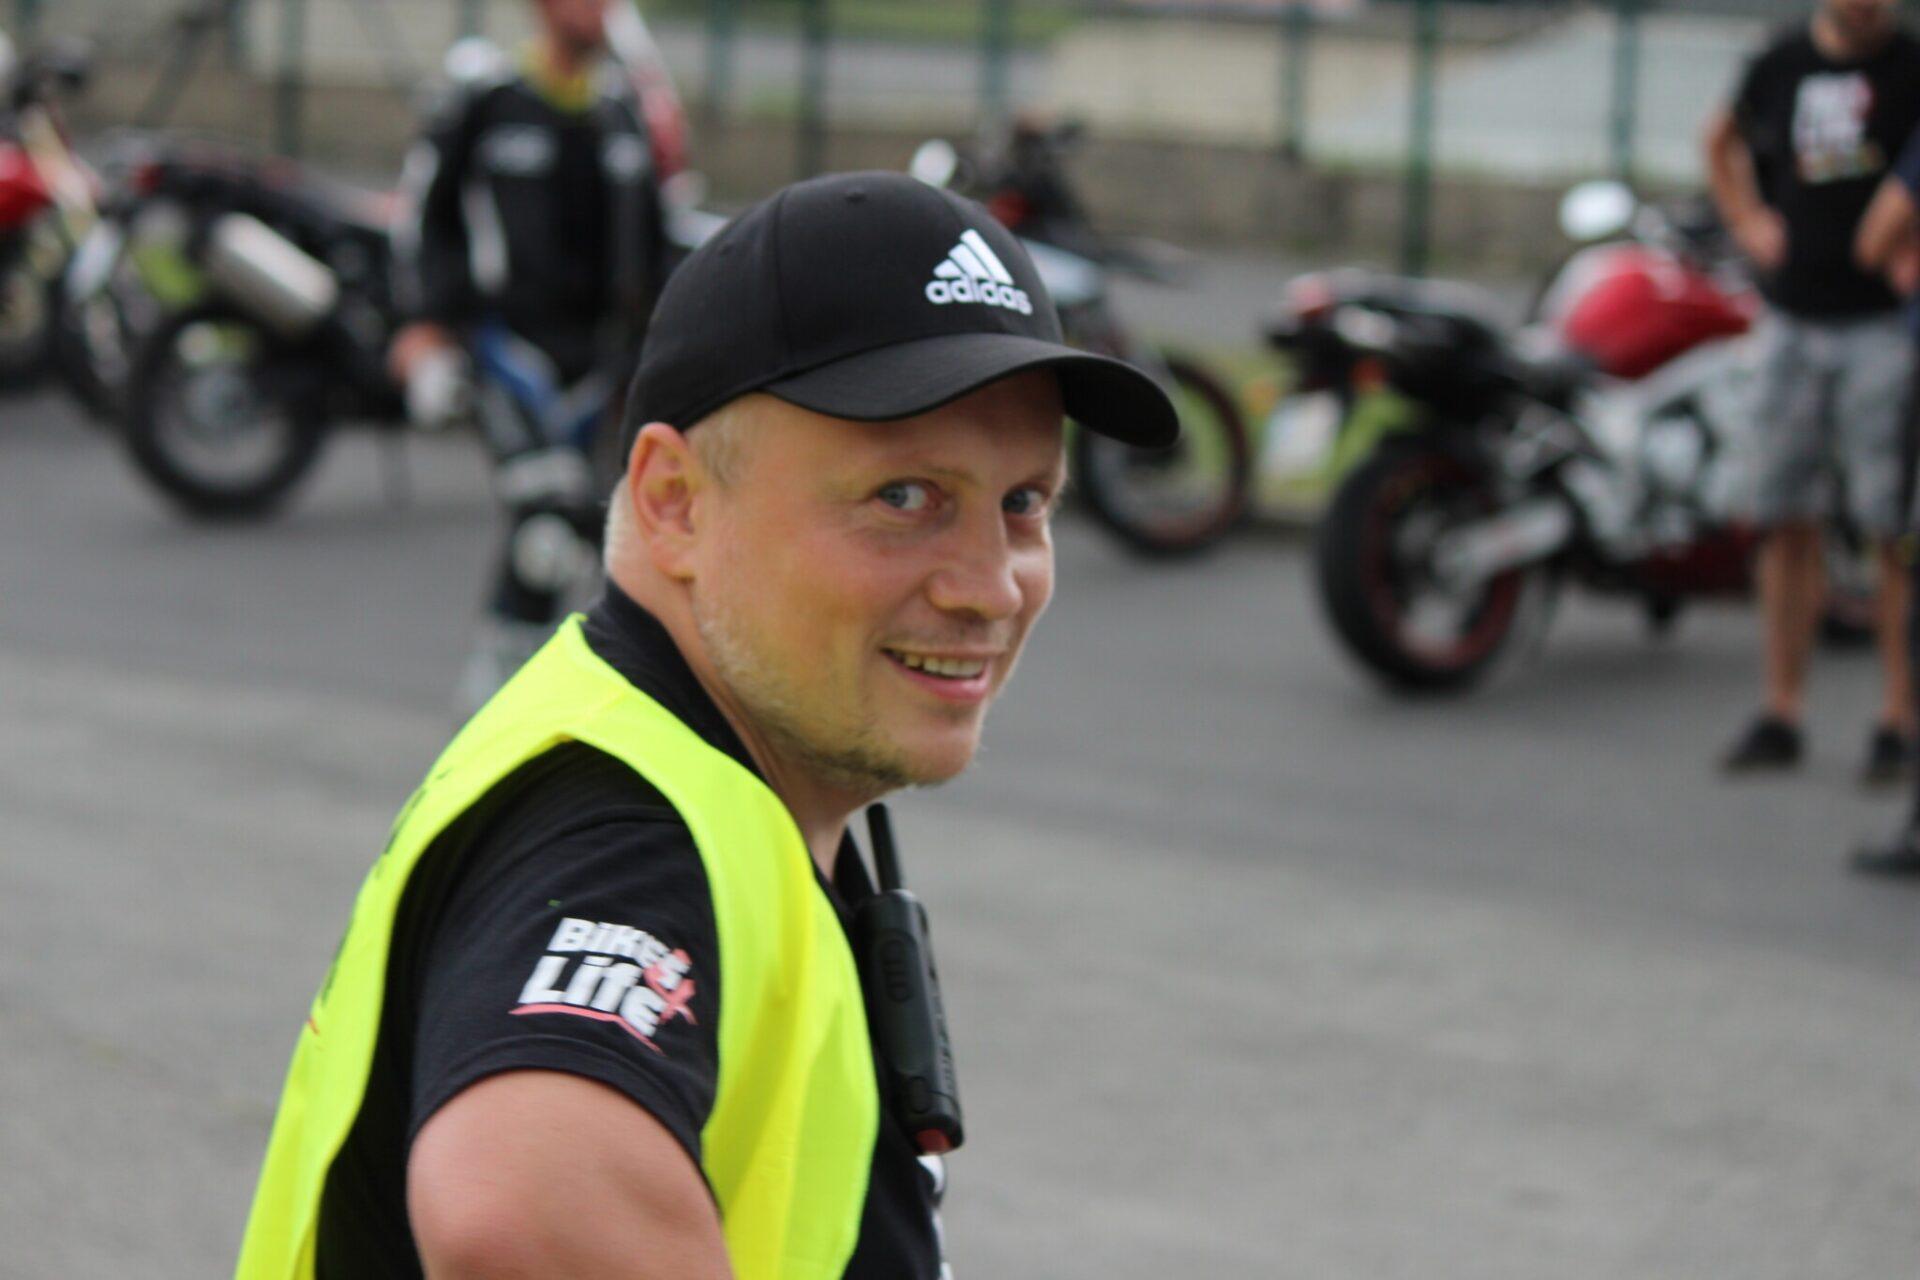 Bikes4Life - Ládik Kopecký